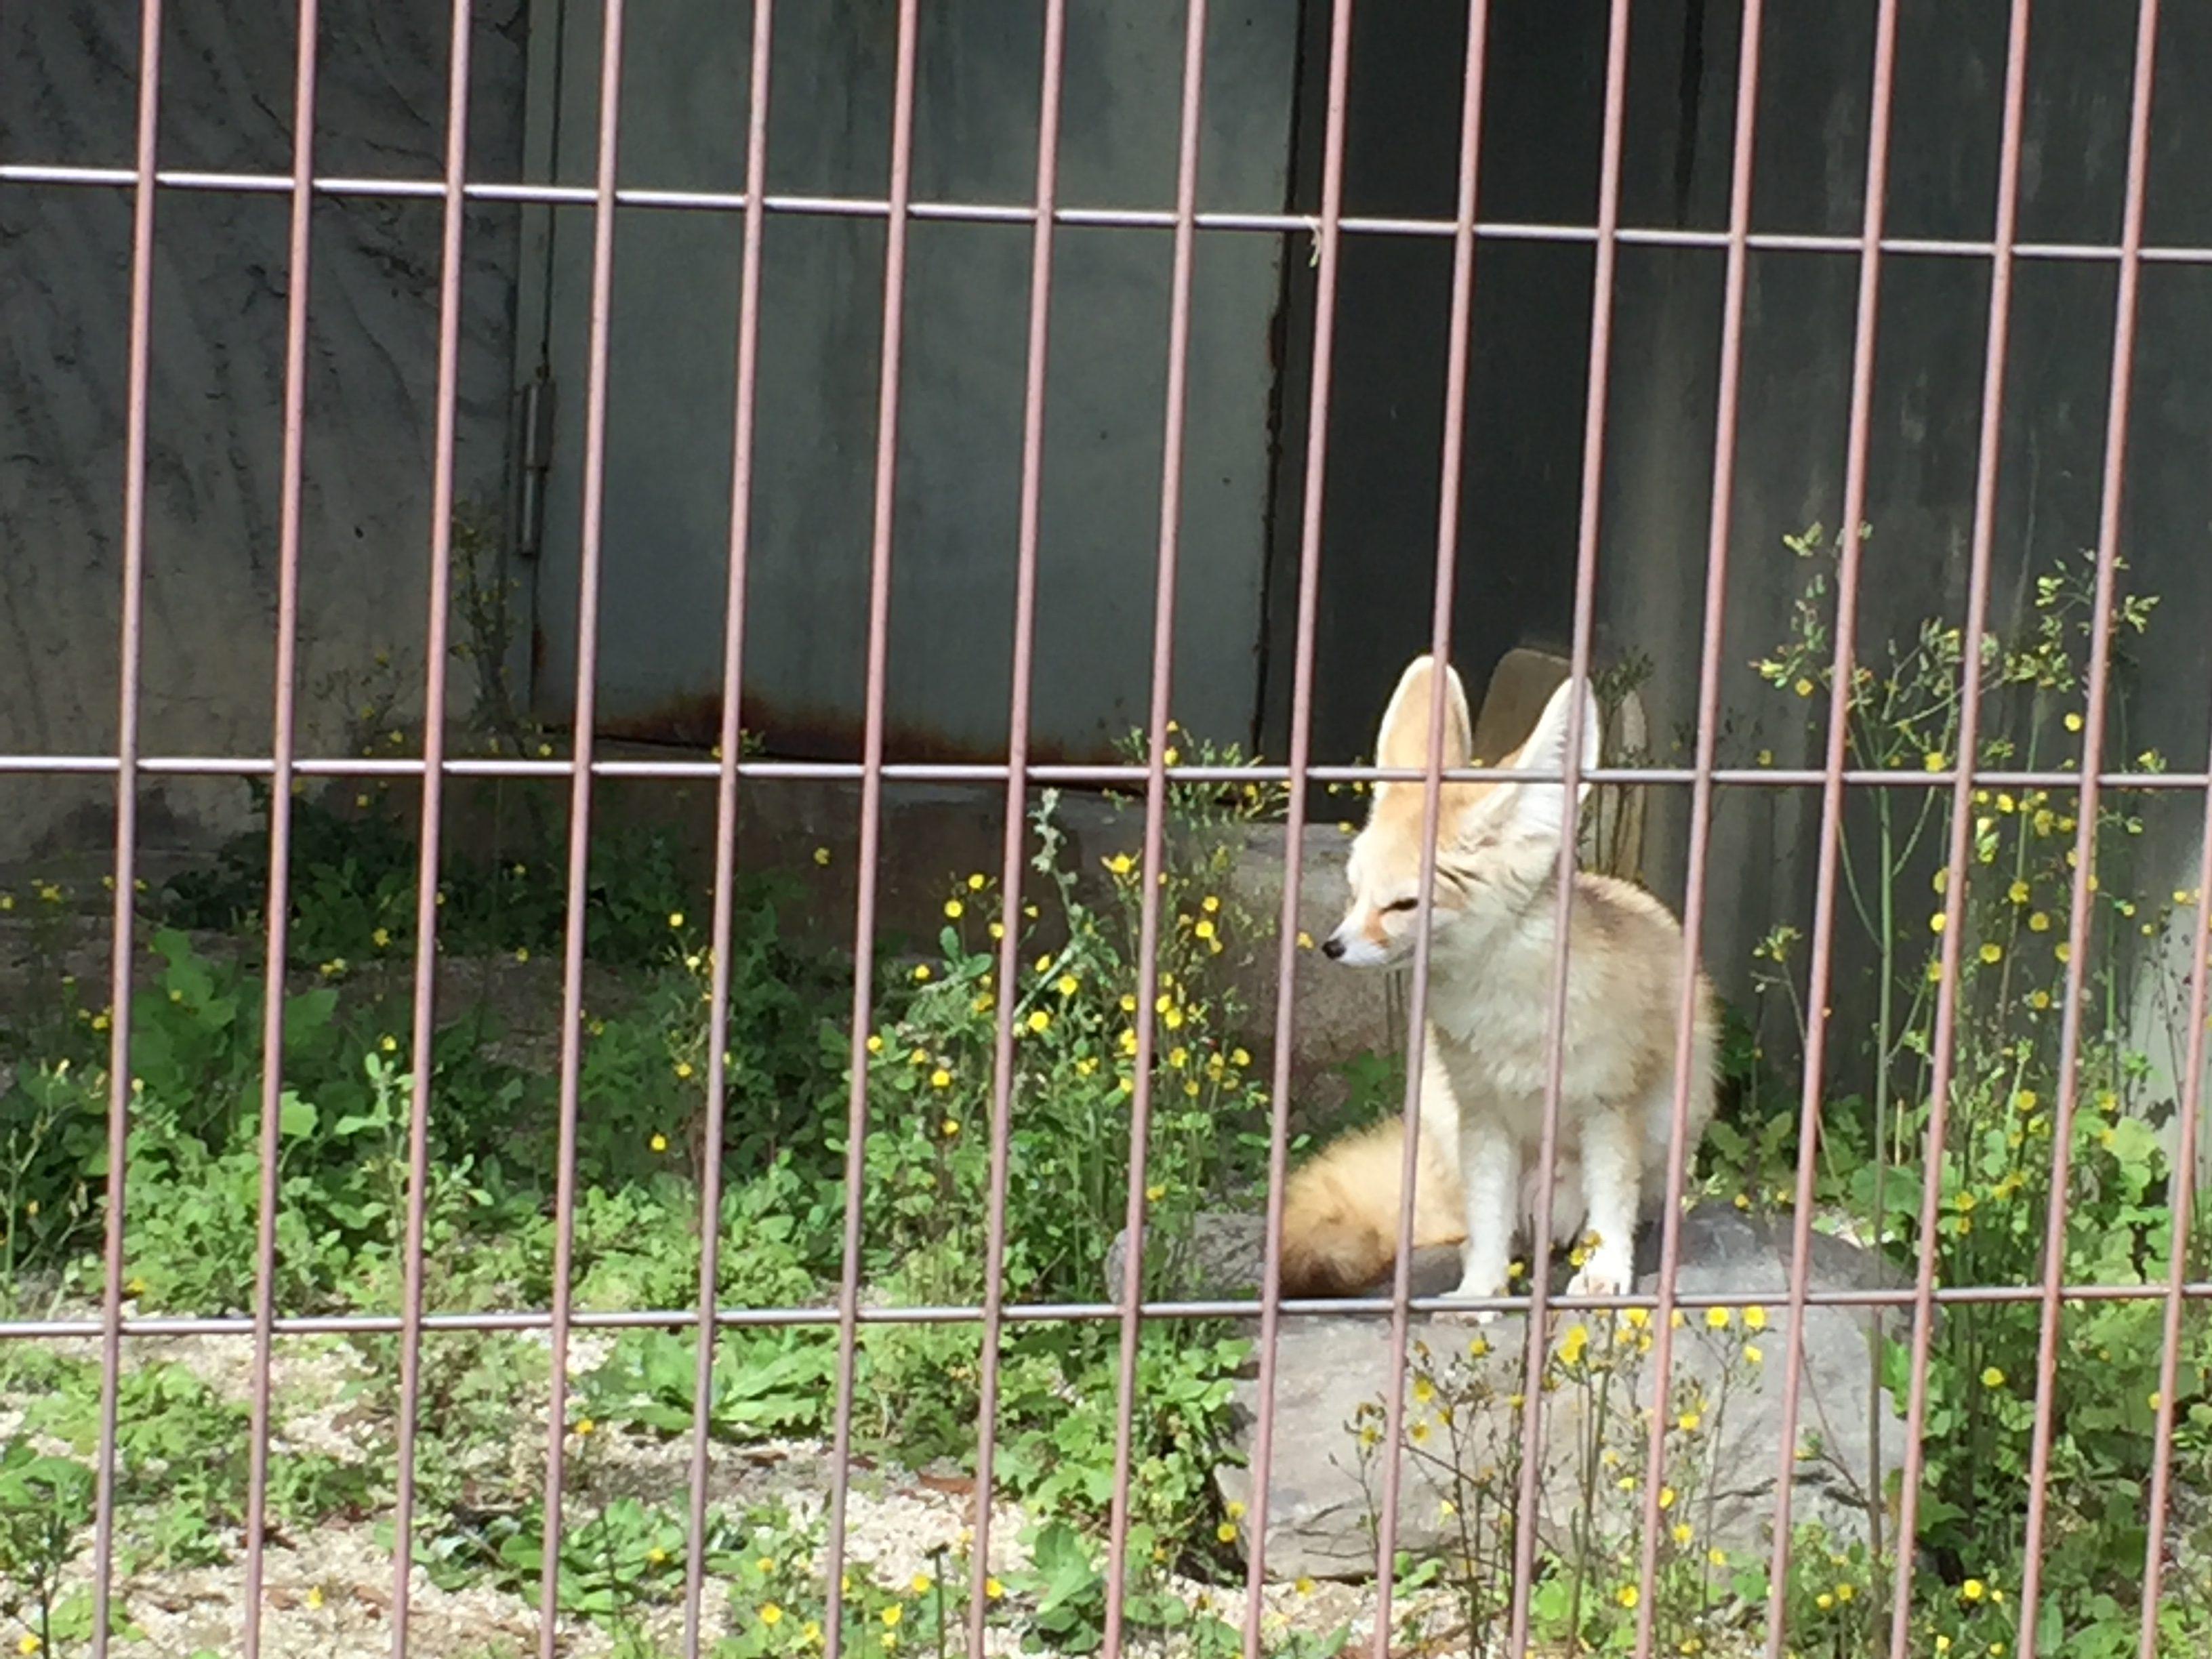 higashiyama-zoo-fennecfox